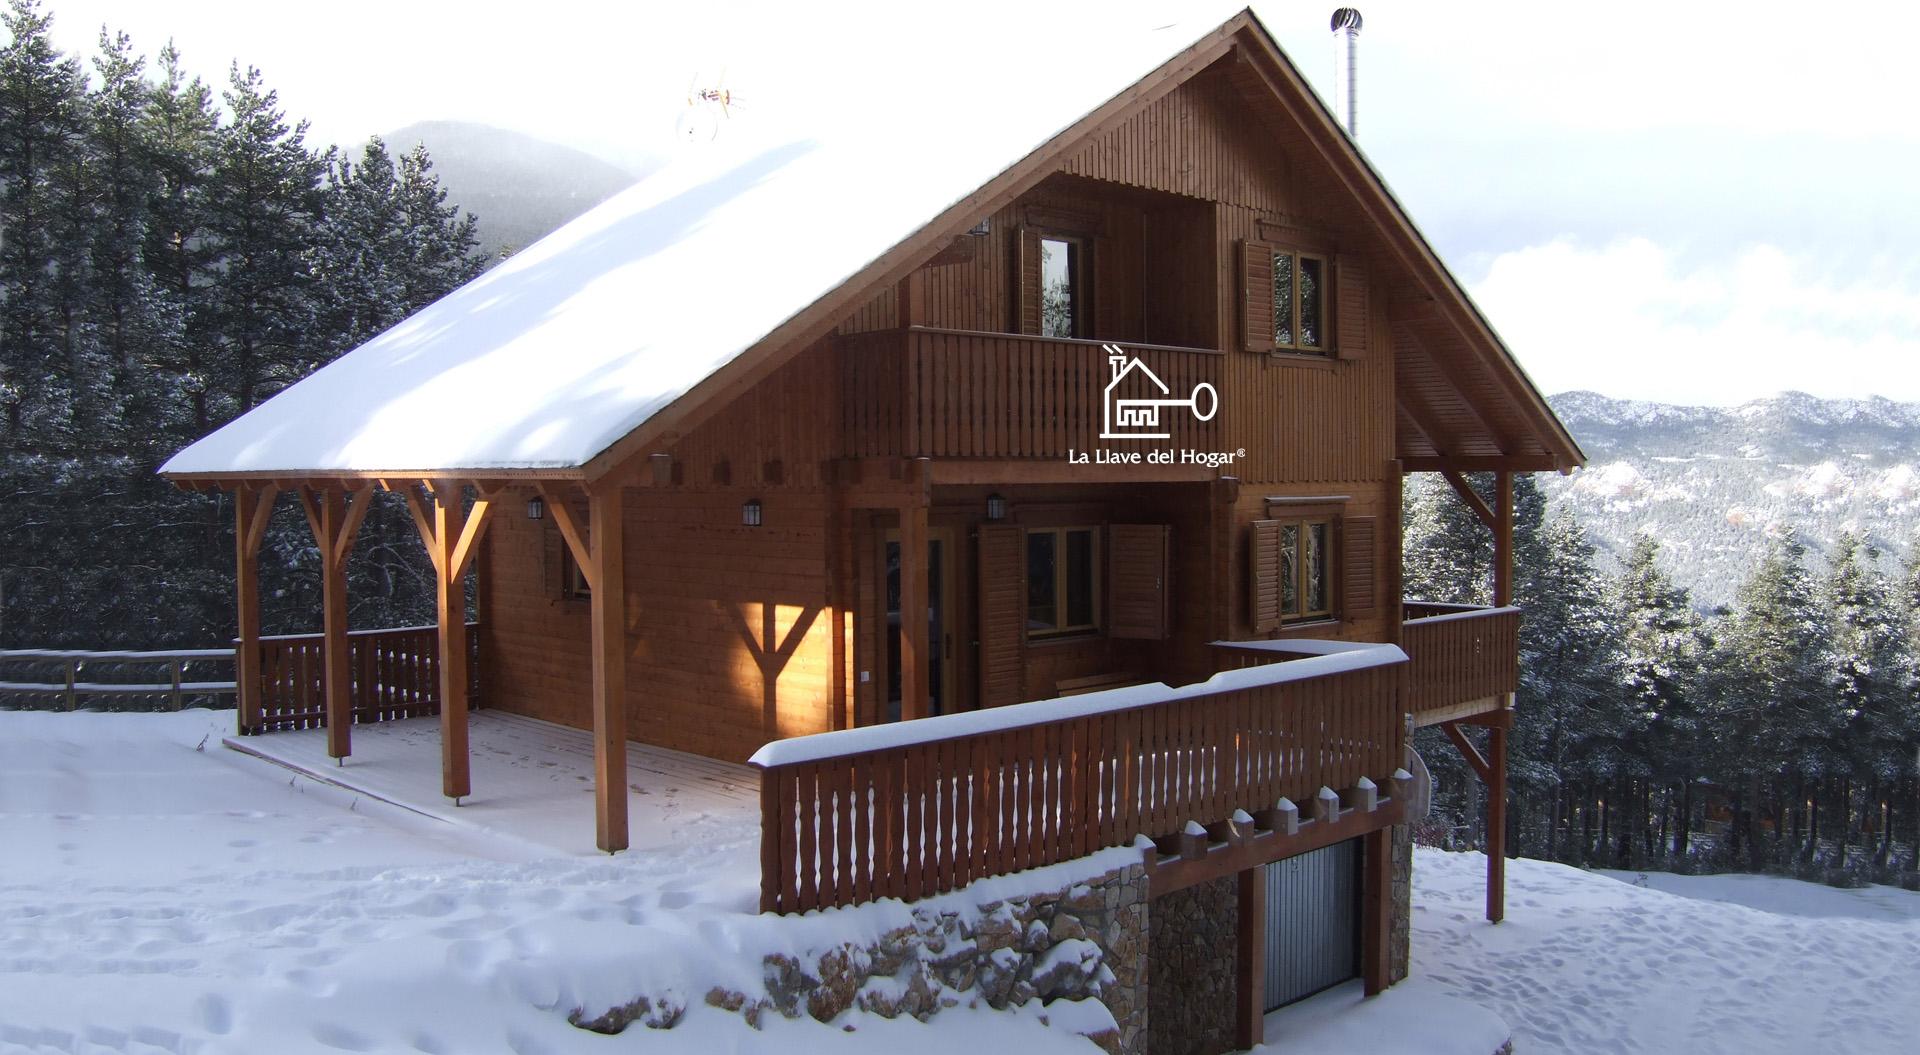 La llave del hogar casas de madera y entramado ligero - Casas de madera y mas ...